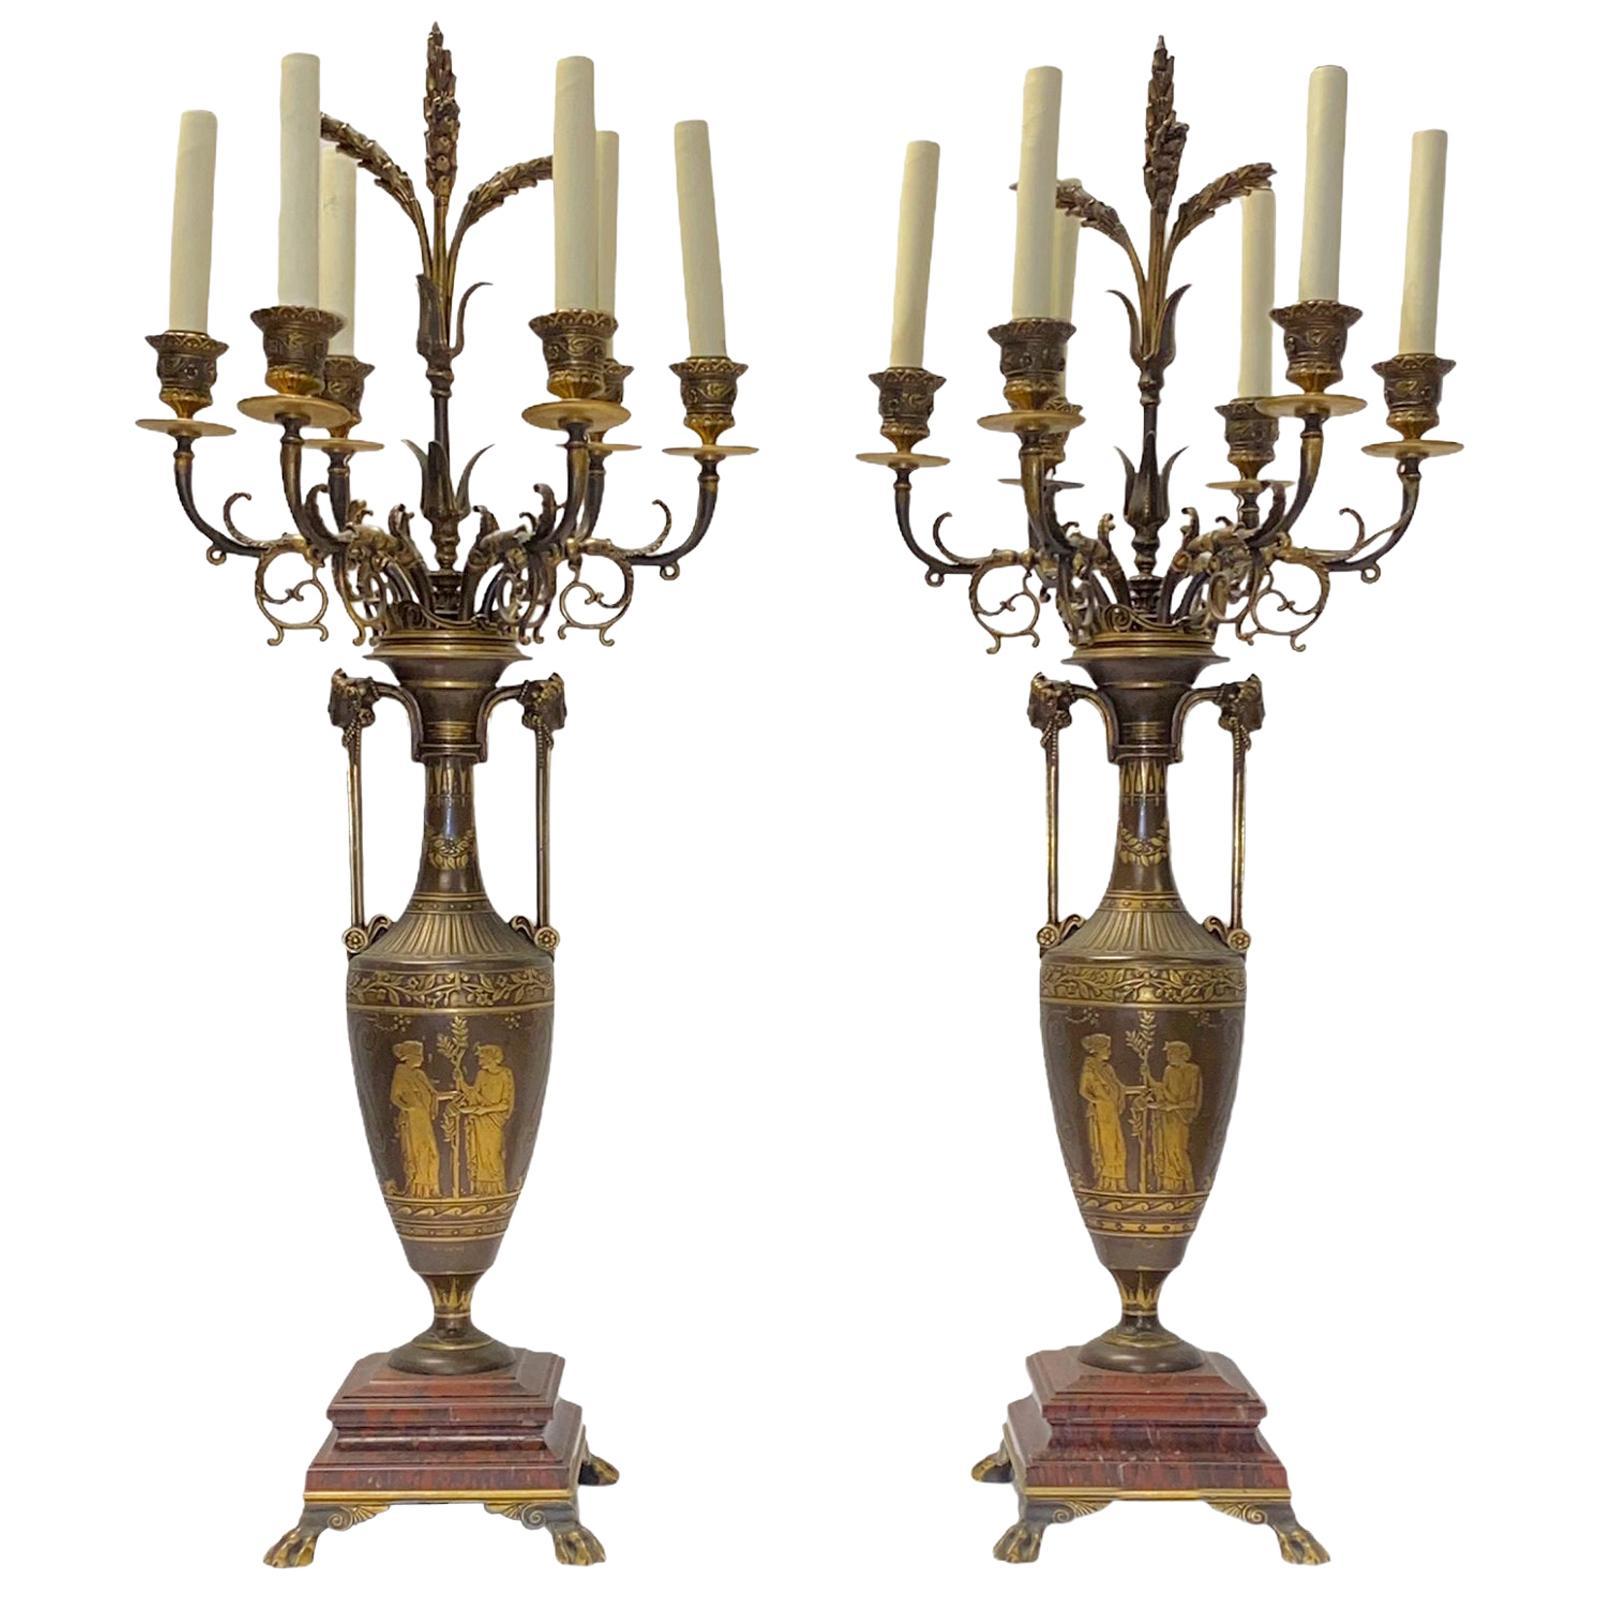 Pair of Greek revival F. Barbediene Bronze Candelabras